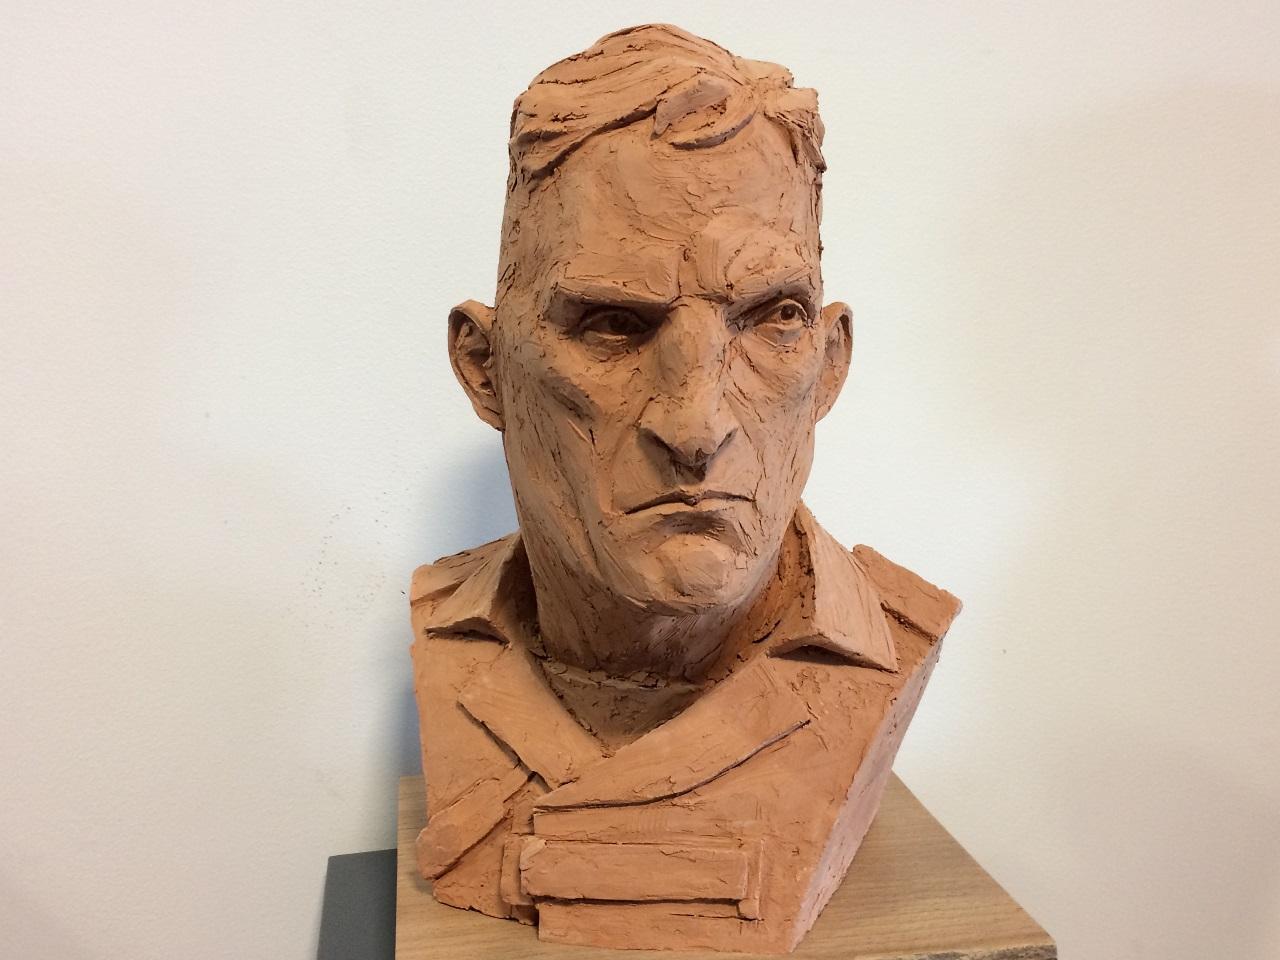 Des personnages sculptés ont ensuite eu droit à participer à une exposition à Paris - LyonMag